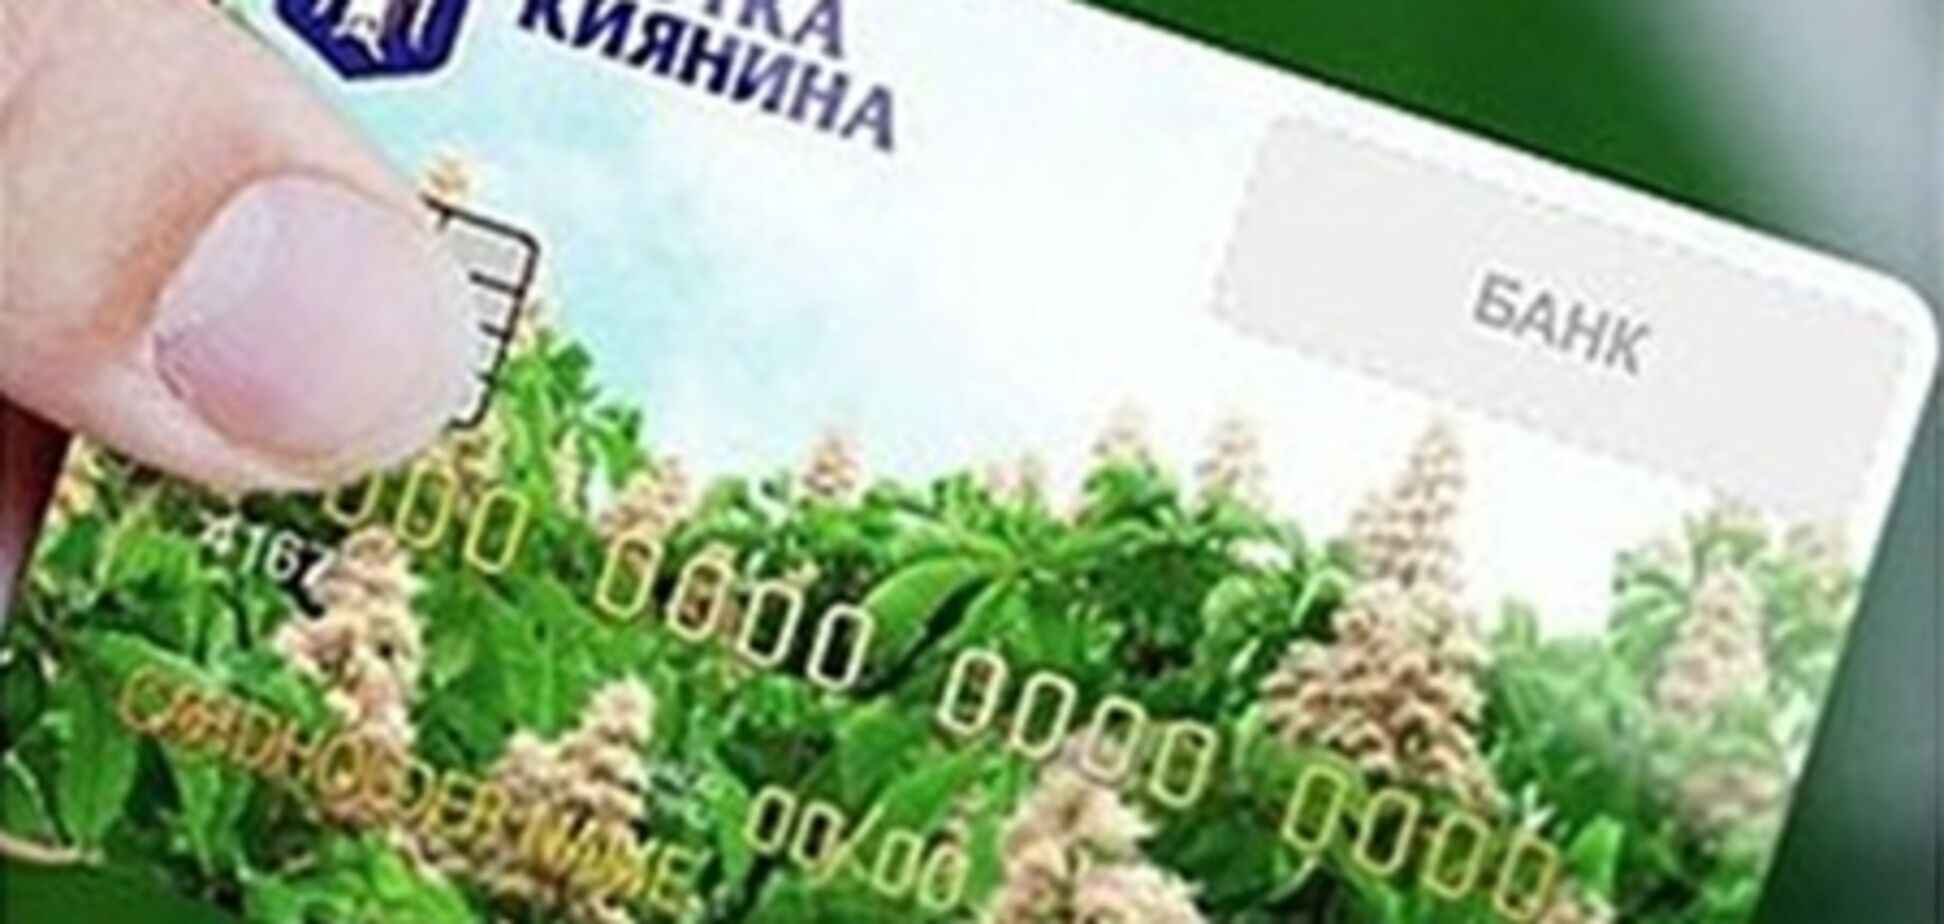 КГГА: для получения 'Карточки киевлянина' лучше предварительно записываться